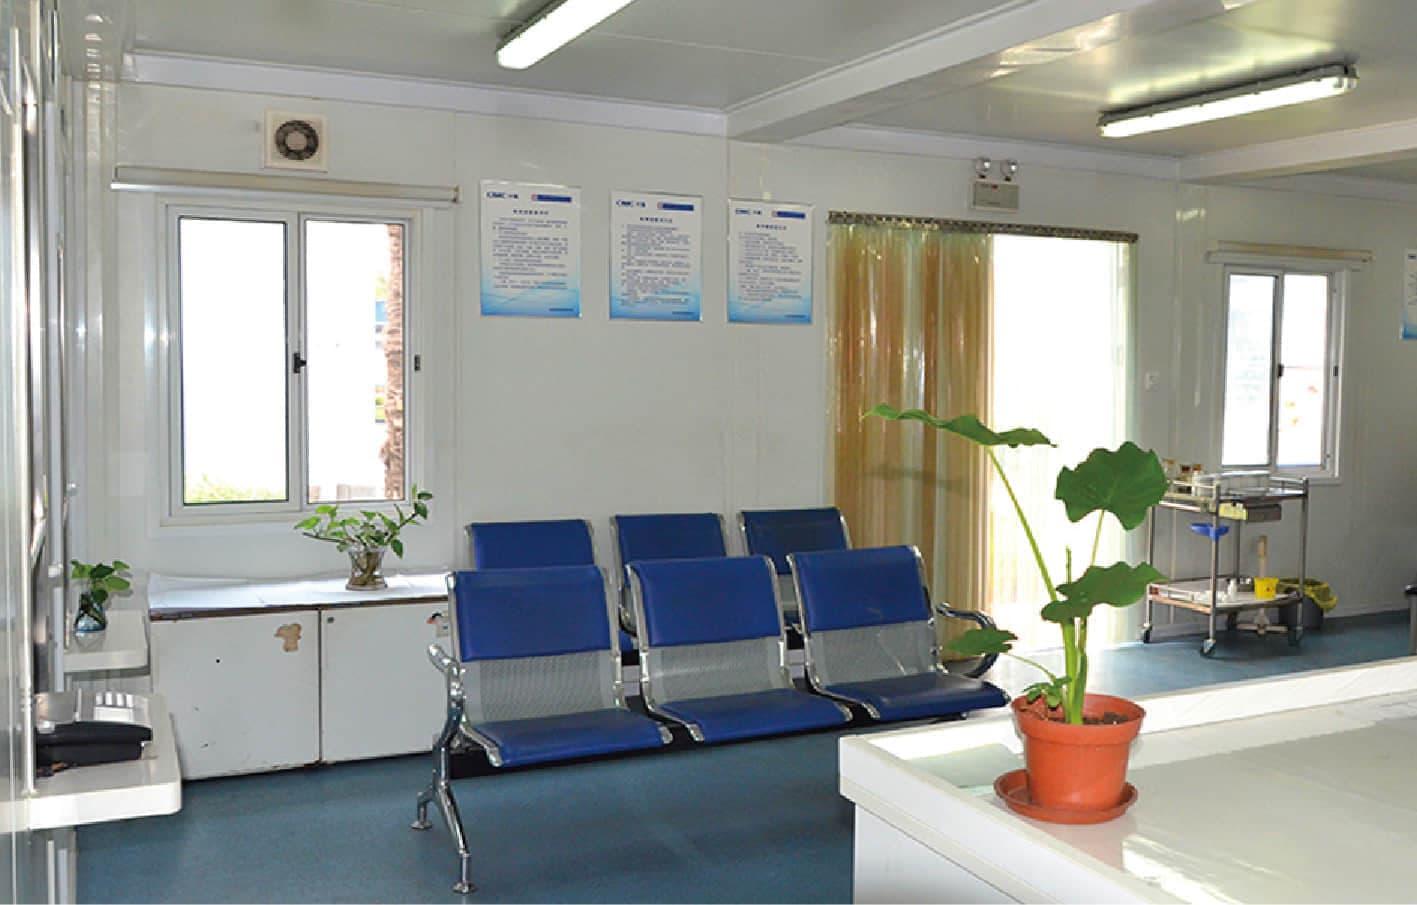 prefab clinic – waiting area